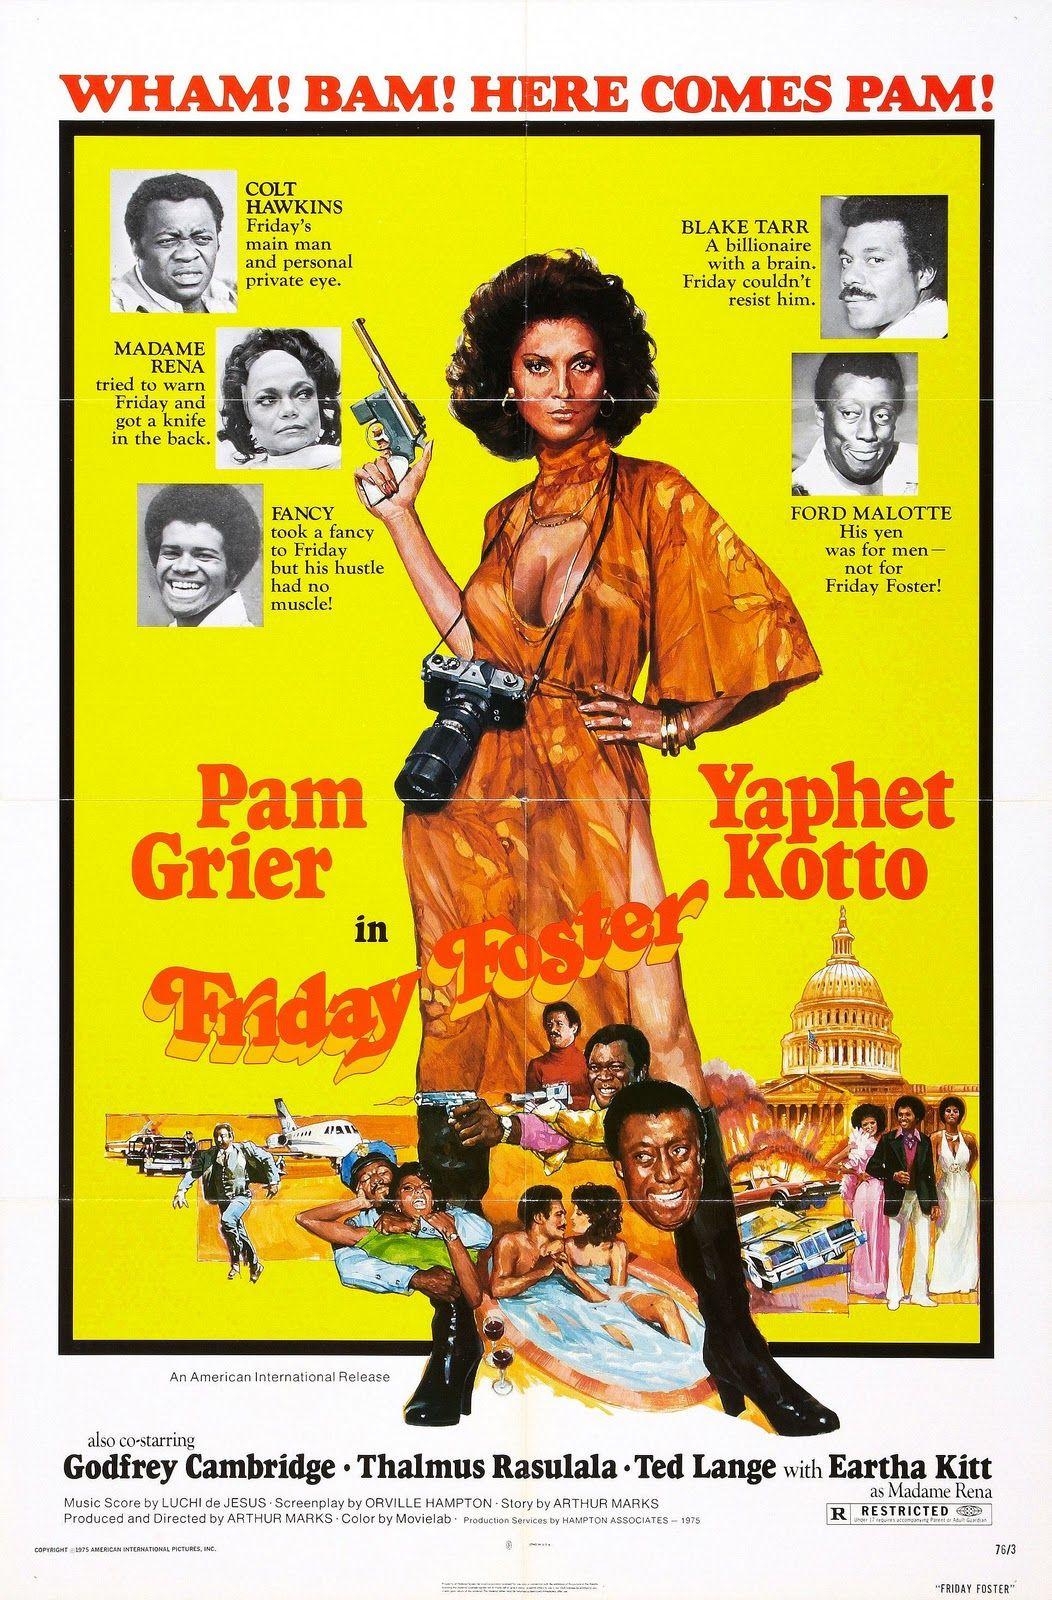 Movie Blaxploitation 70s Poster Exploitation Poster Cinematografia Film